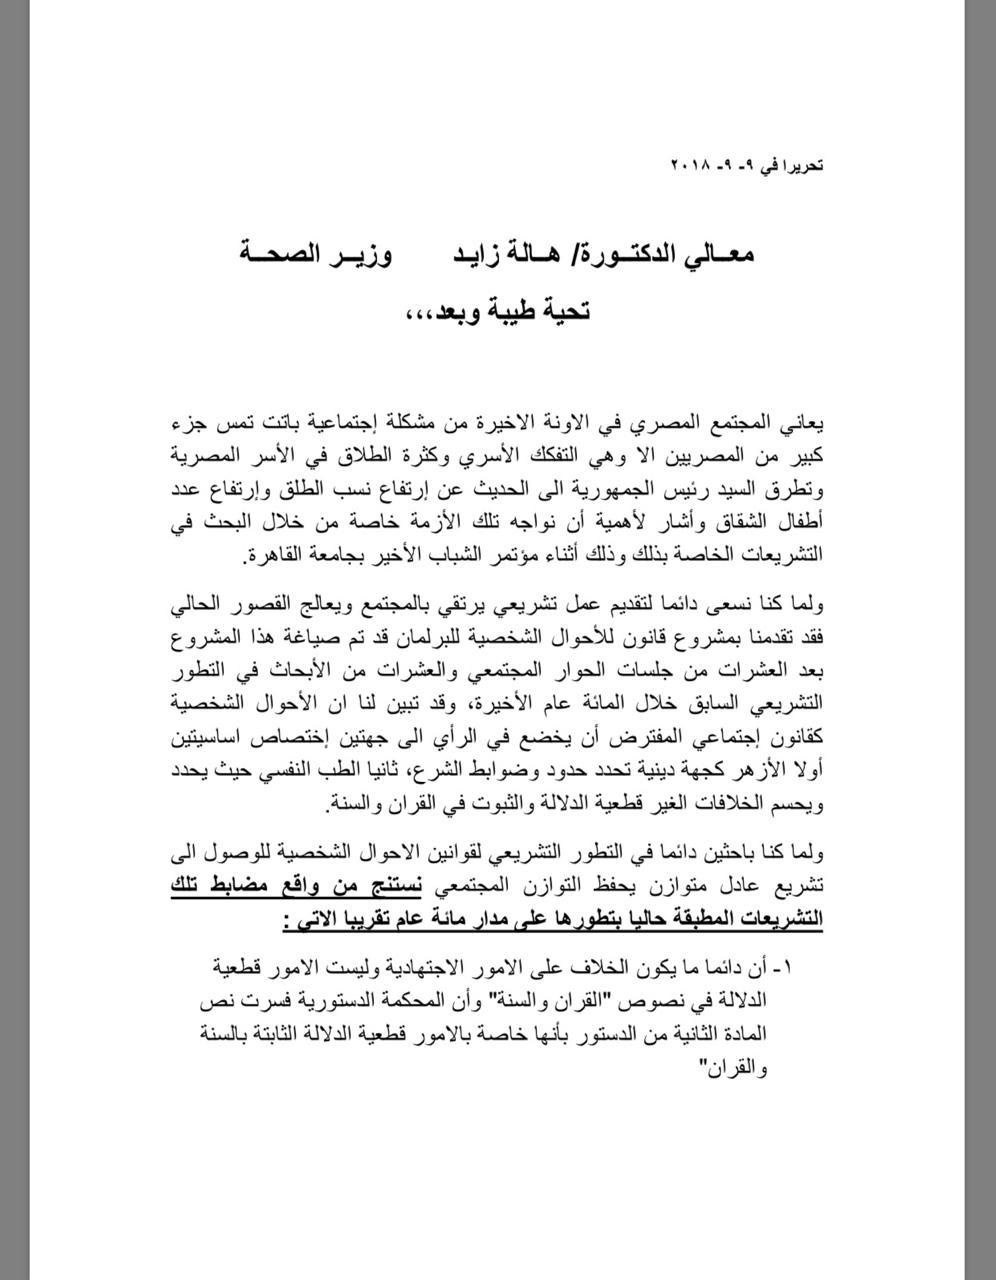 خطاب النائب الدكتور محمد فؤاد